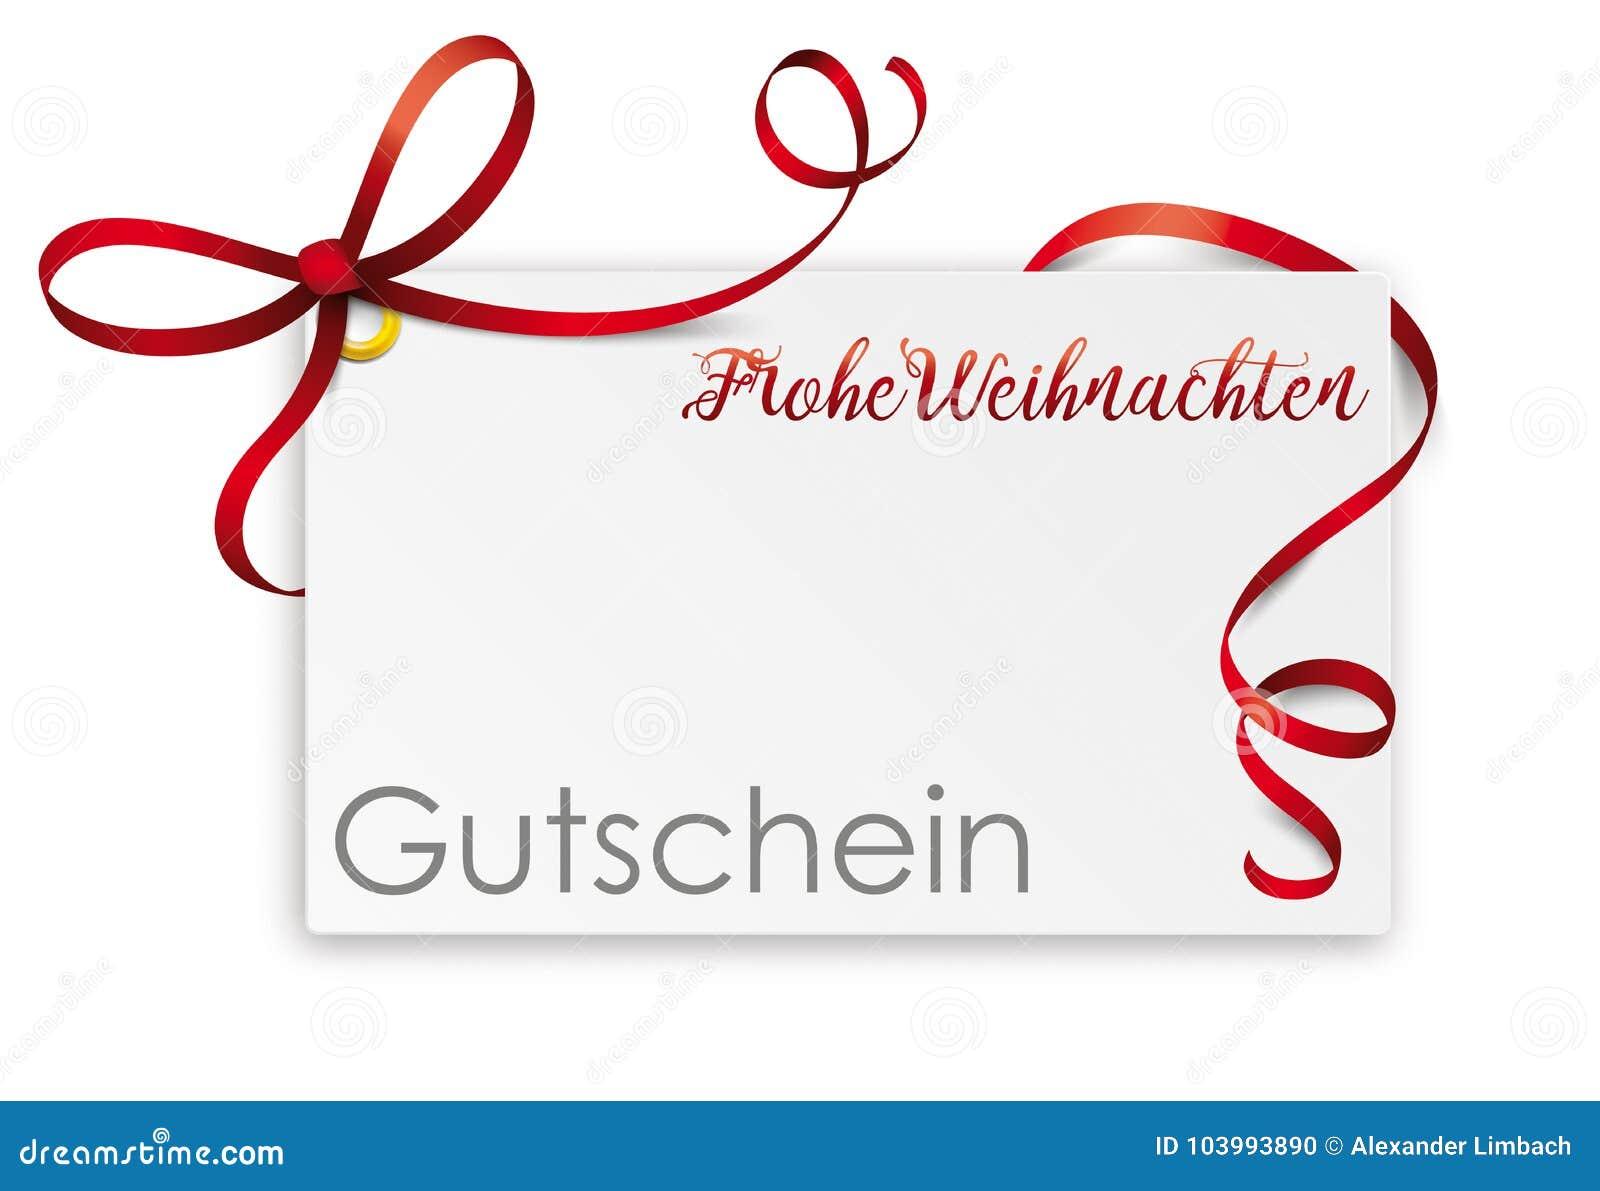 Weihnachten Bilder Mit Text.Gutschein Card Red Ribbon Frohe Weihnachten Coupon Stock Vector